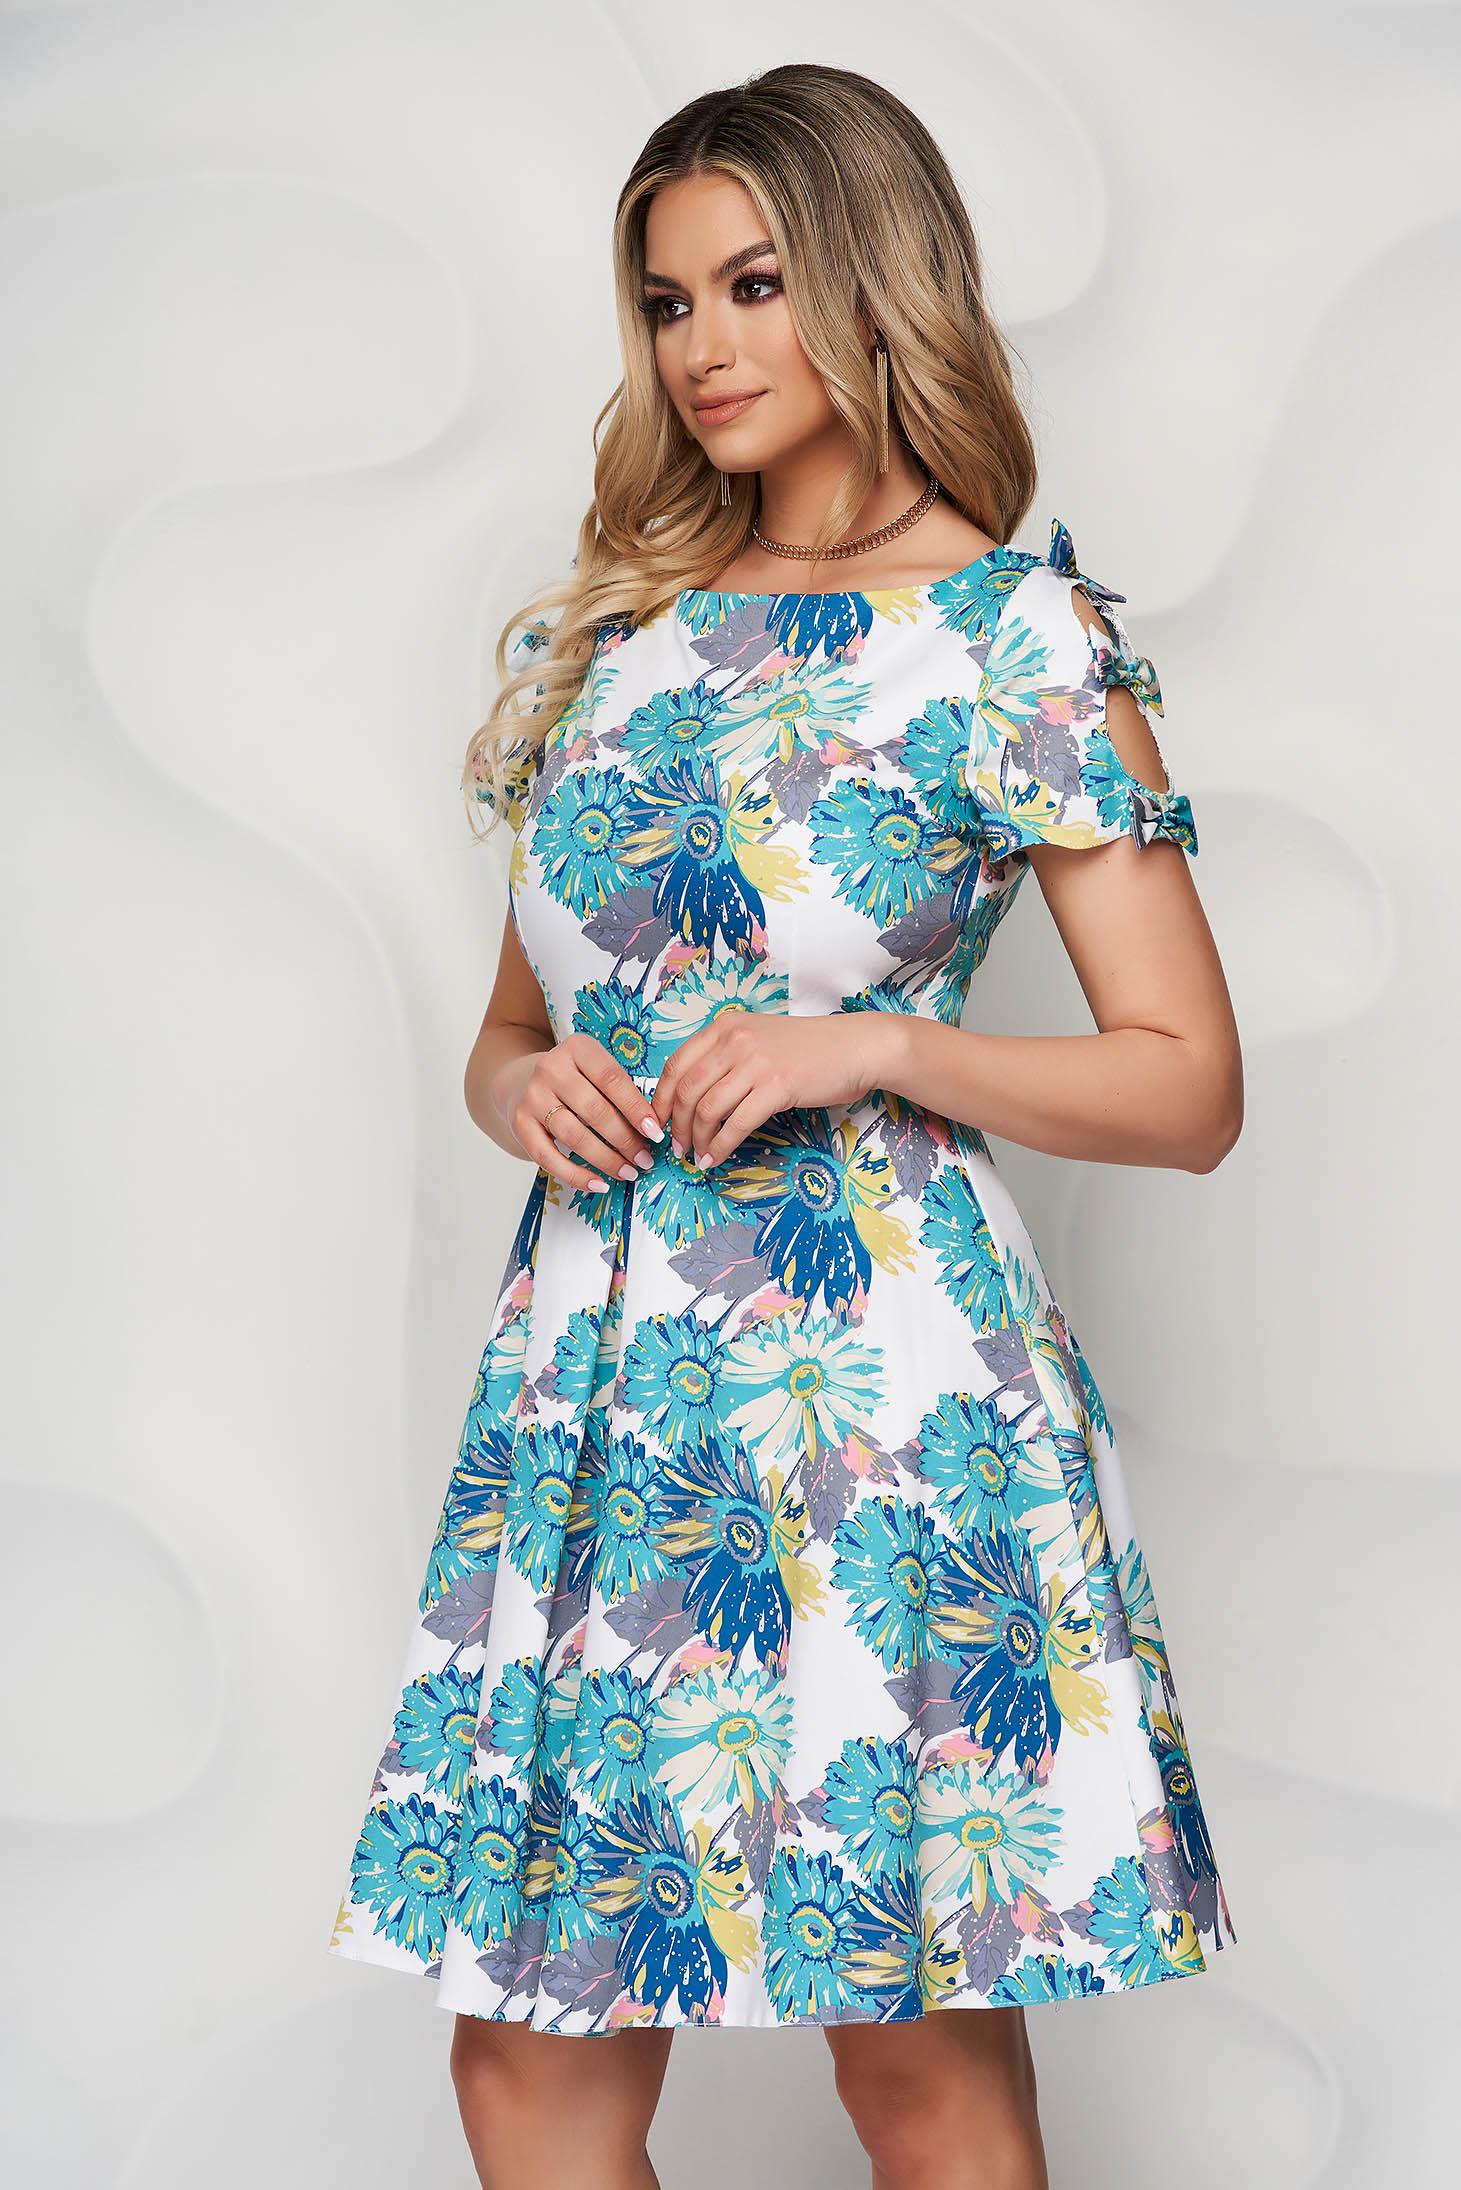 Rochie alba cu imprimeu floral albastru din material usor elastic in clos accesorizata cu fundite